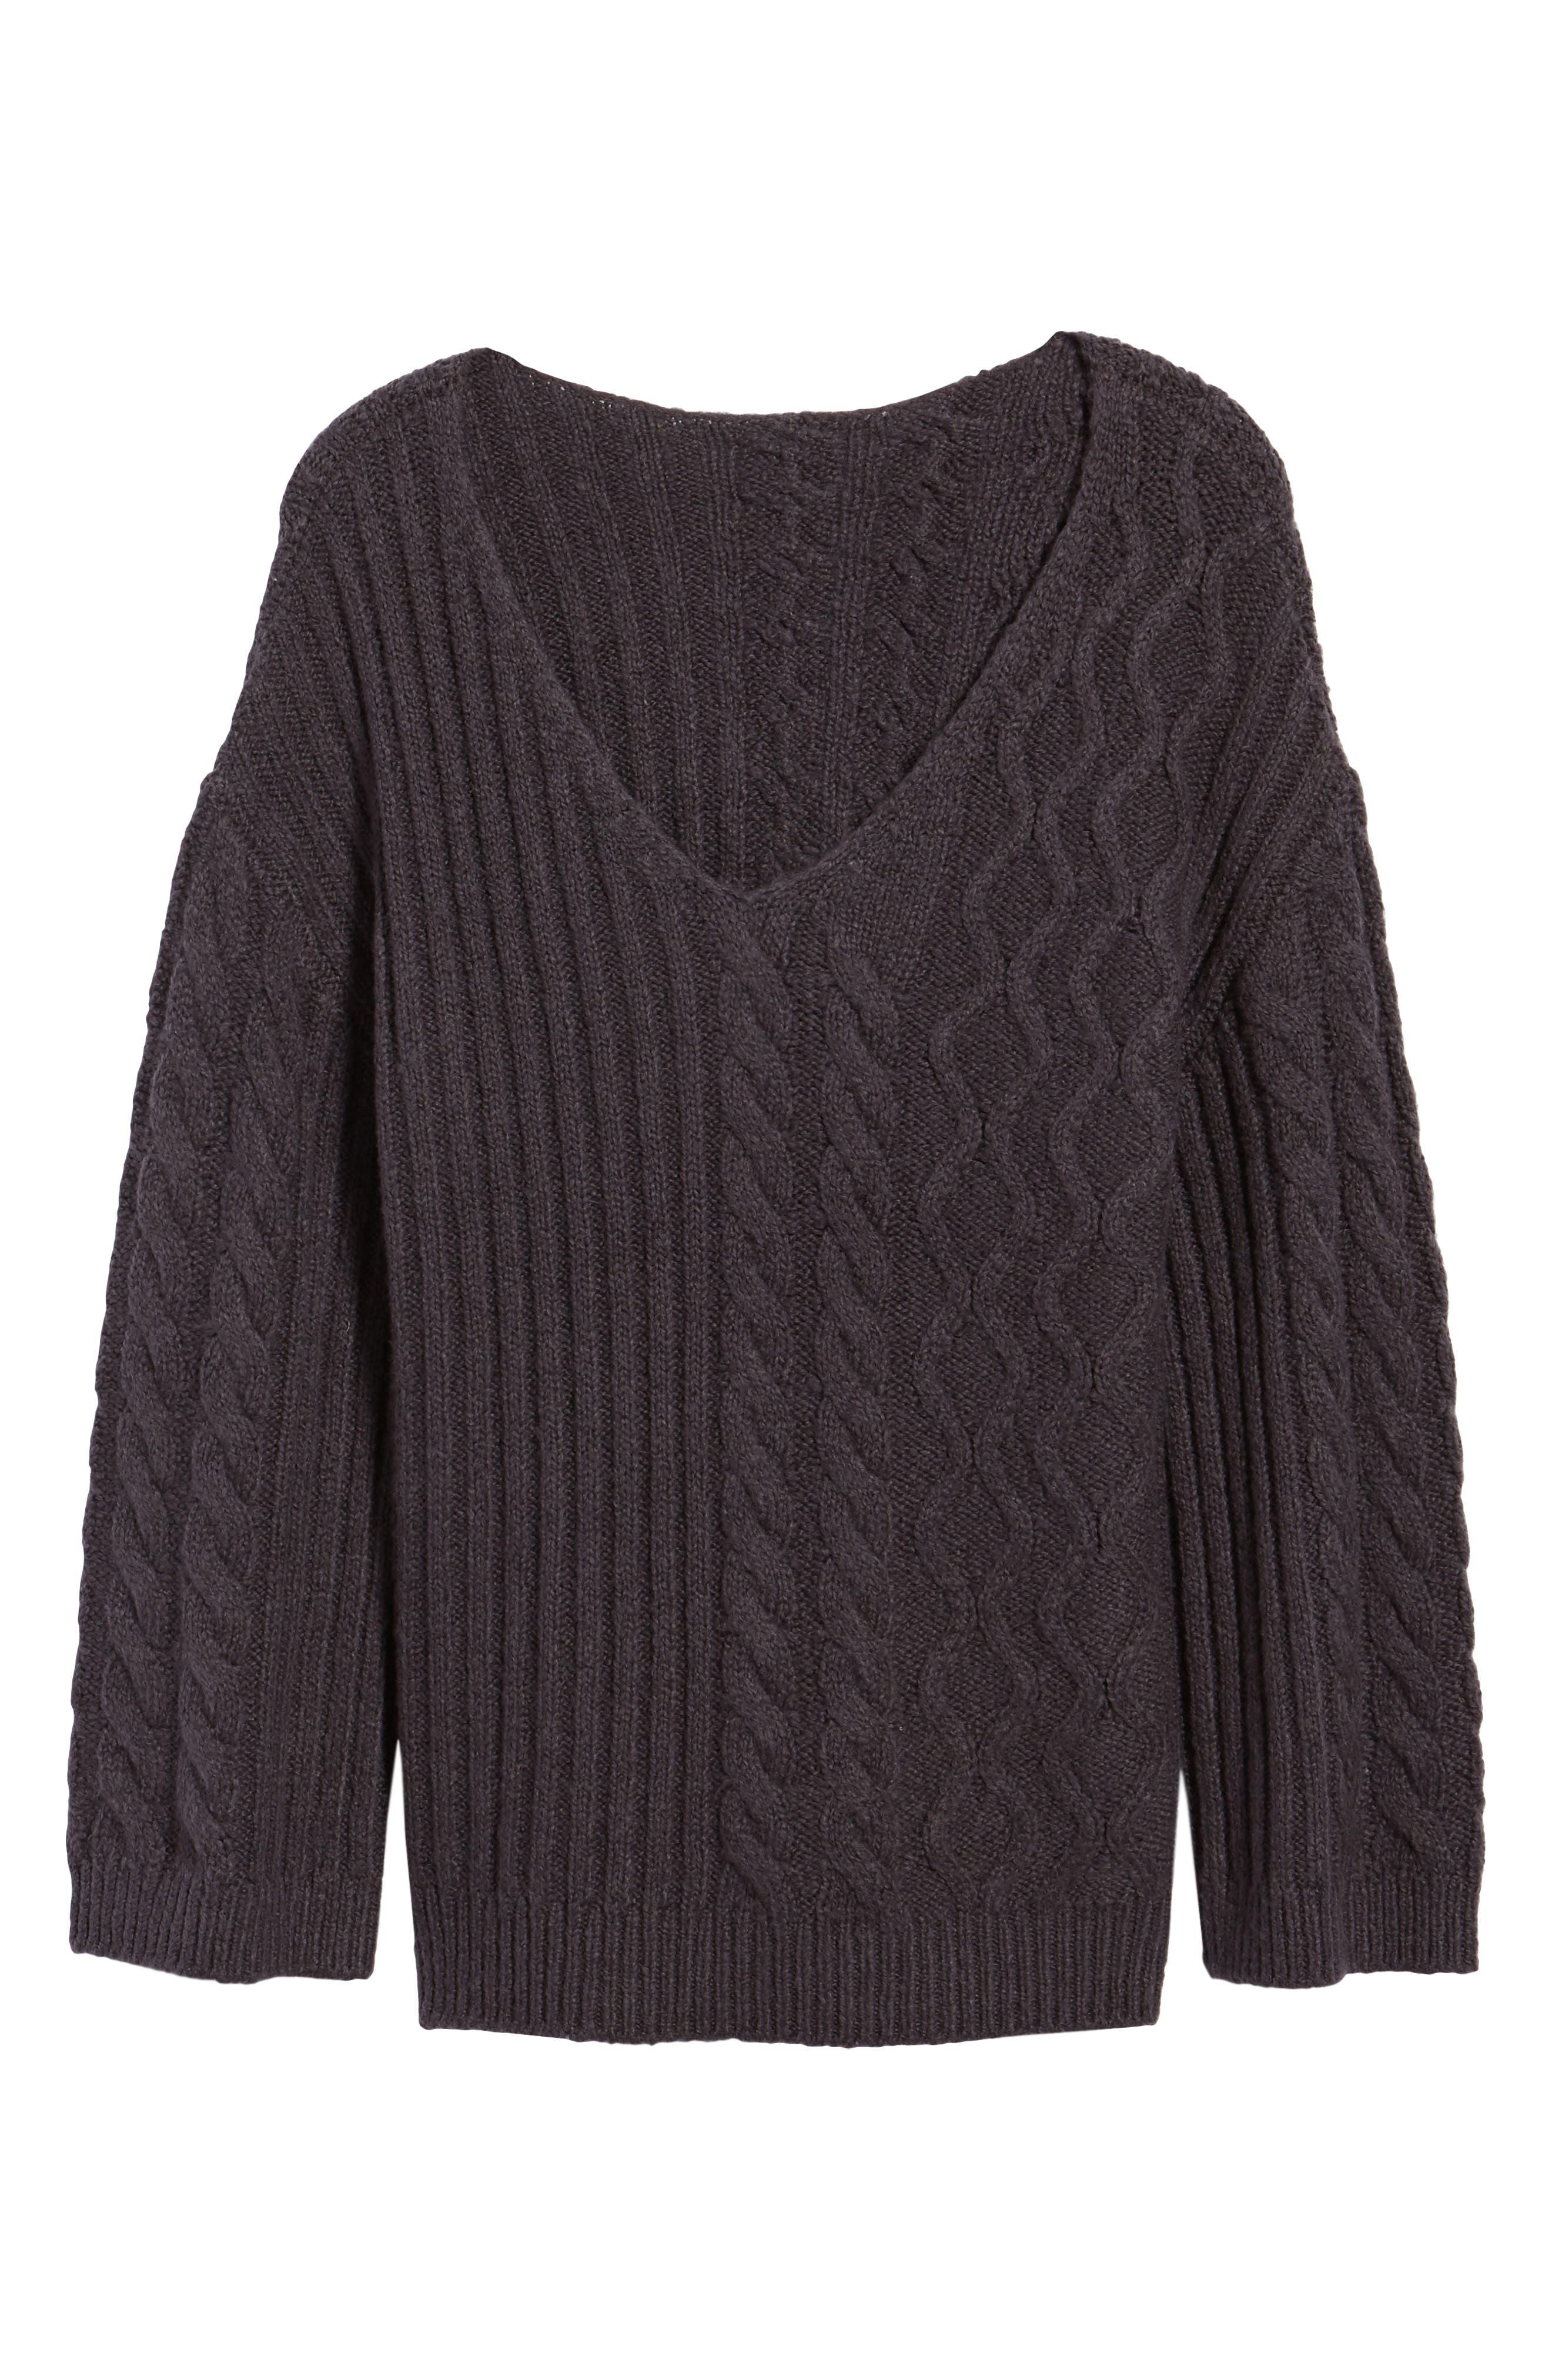 Mix Stitch Cotton Blend Sweater,                             Alternate thumbnail 6, color,                             021